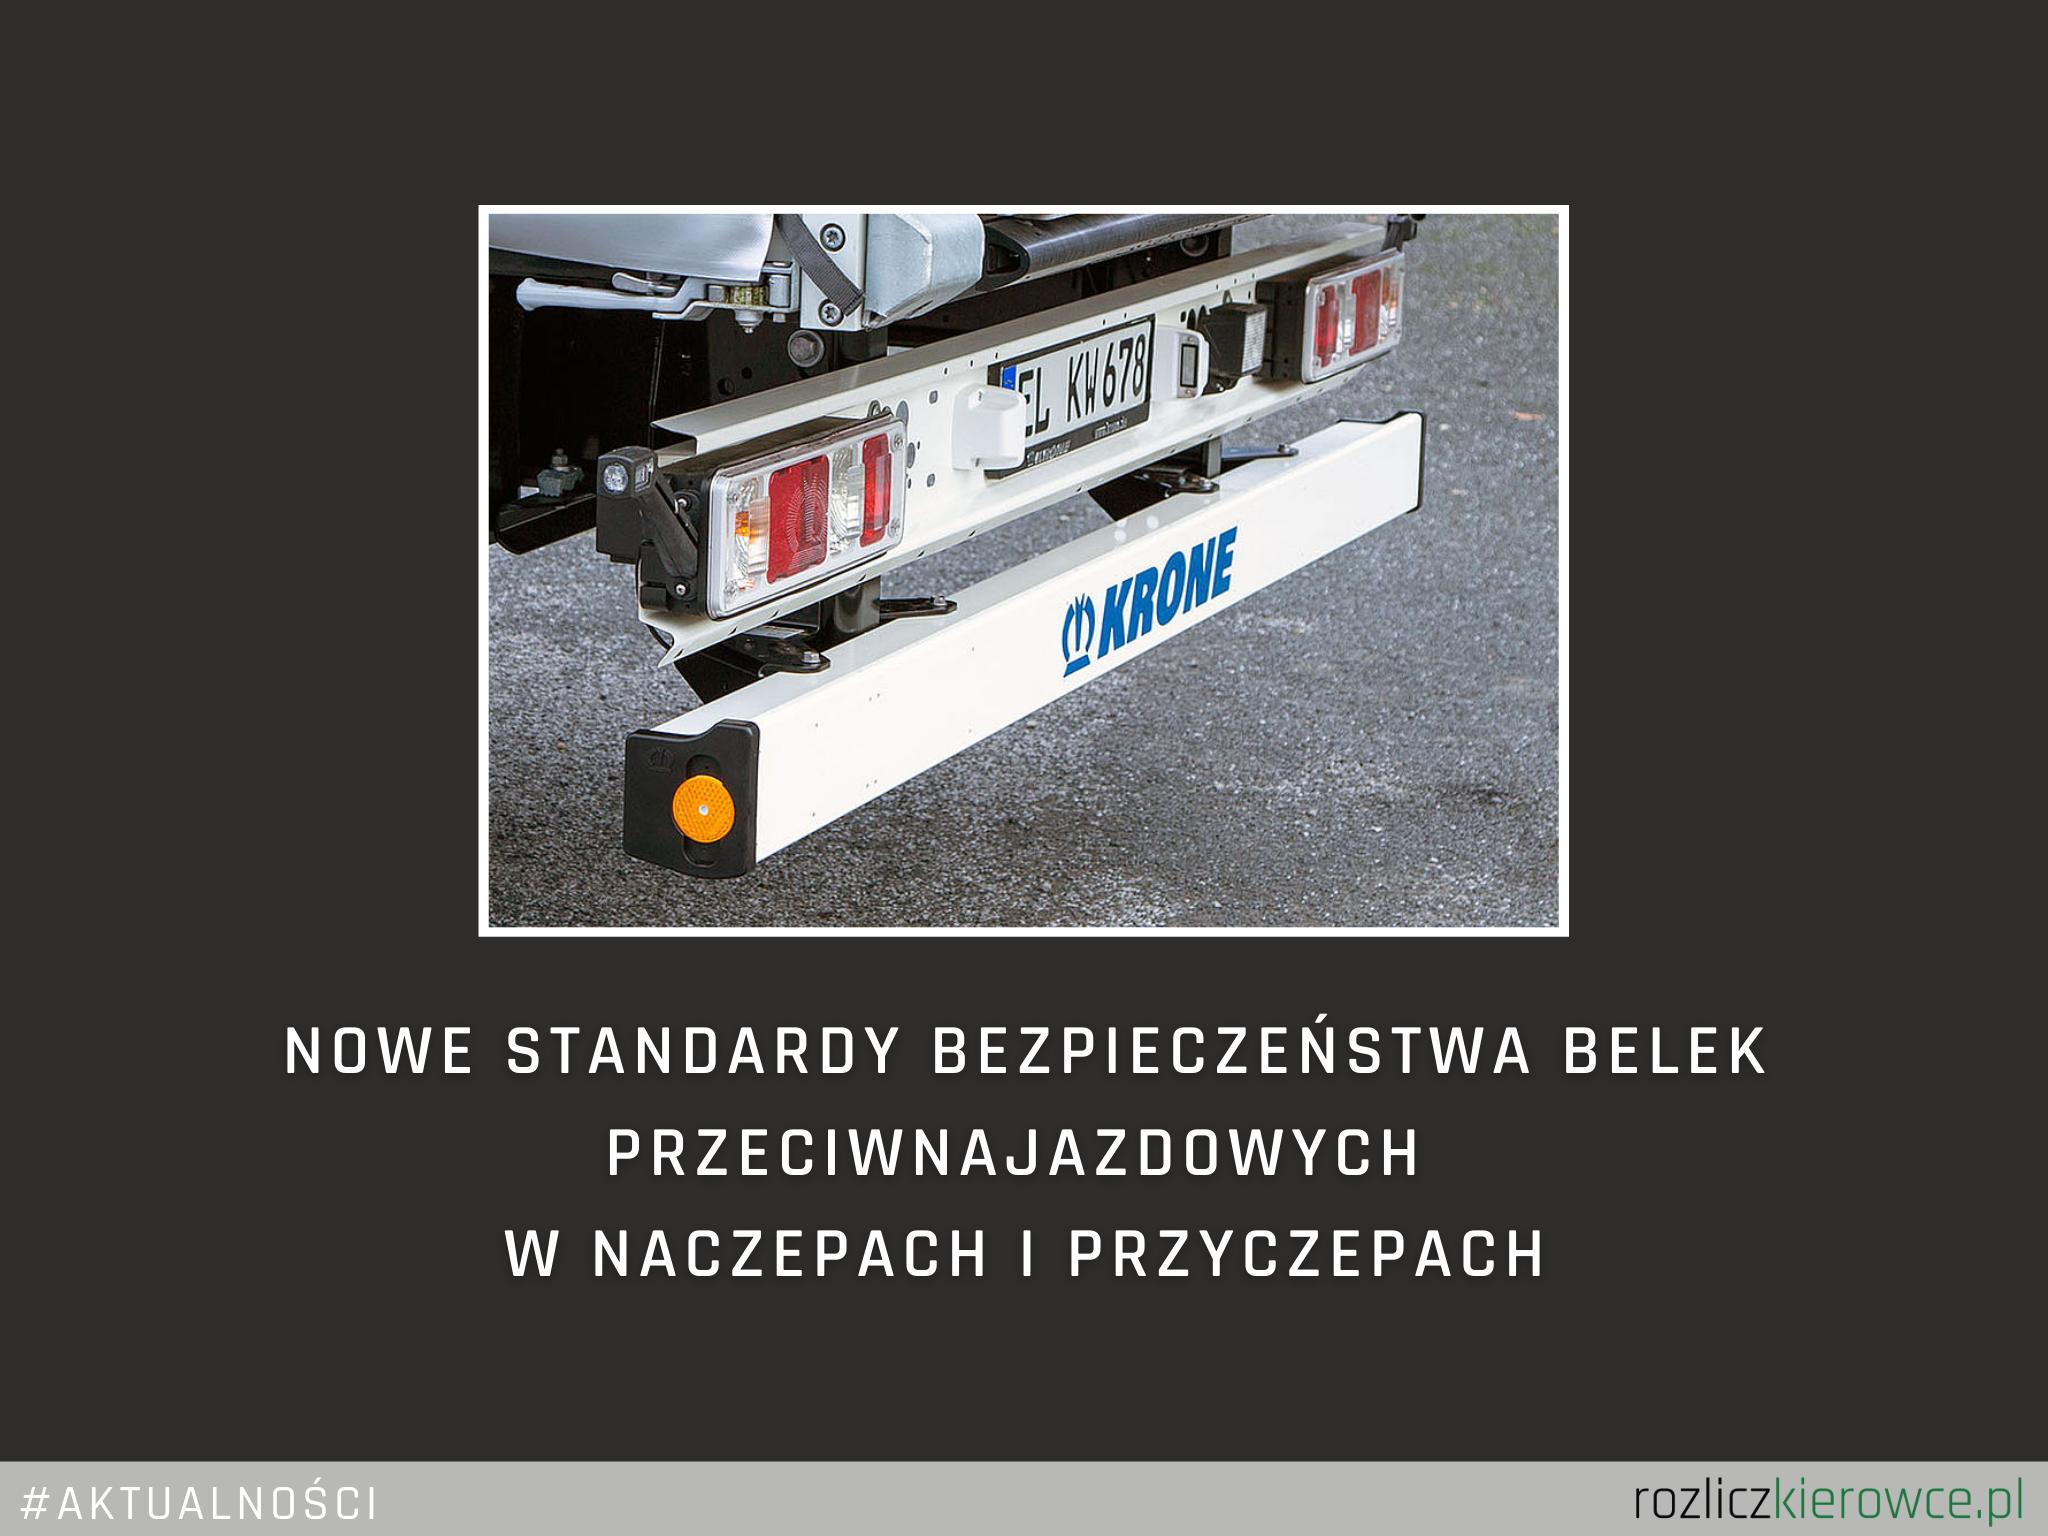 Nowe standardy bezpieczeństwa belek przeciwnajazdowych  w naczepach i przyczepach